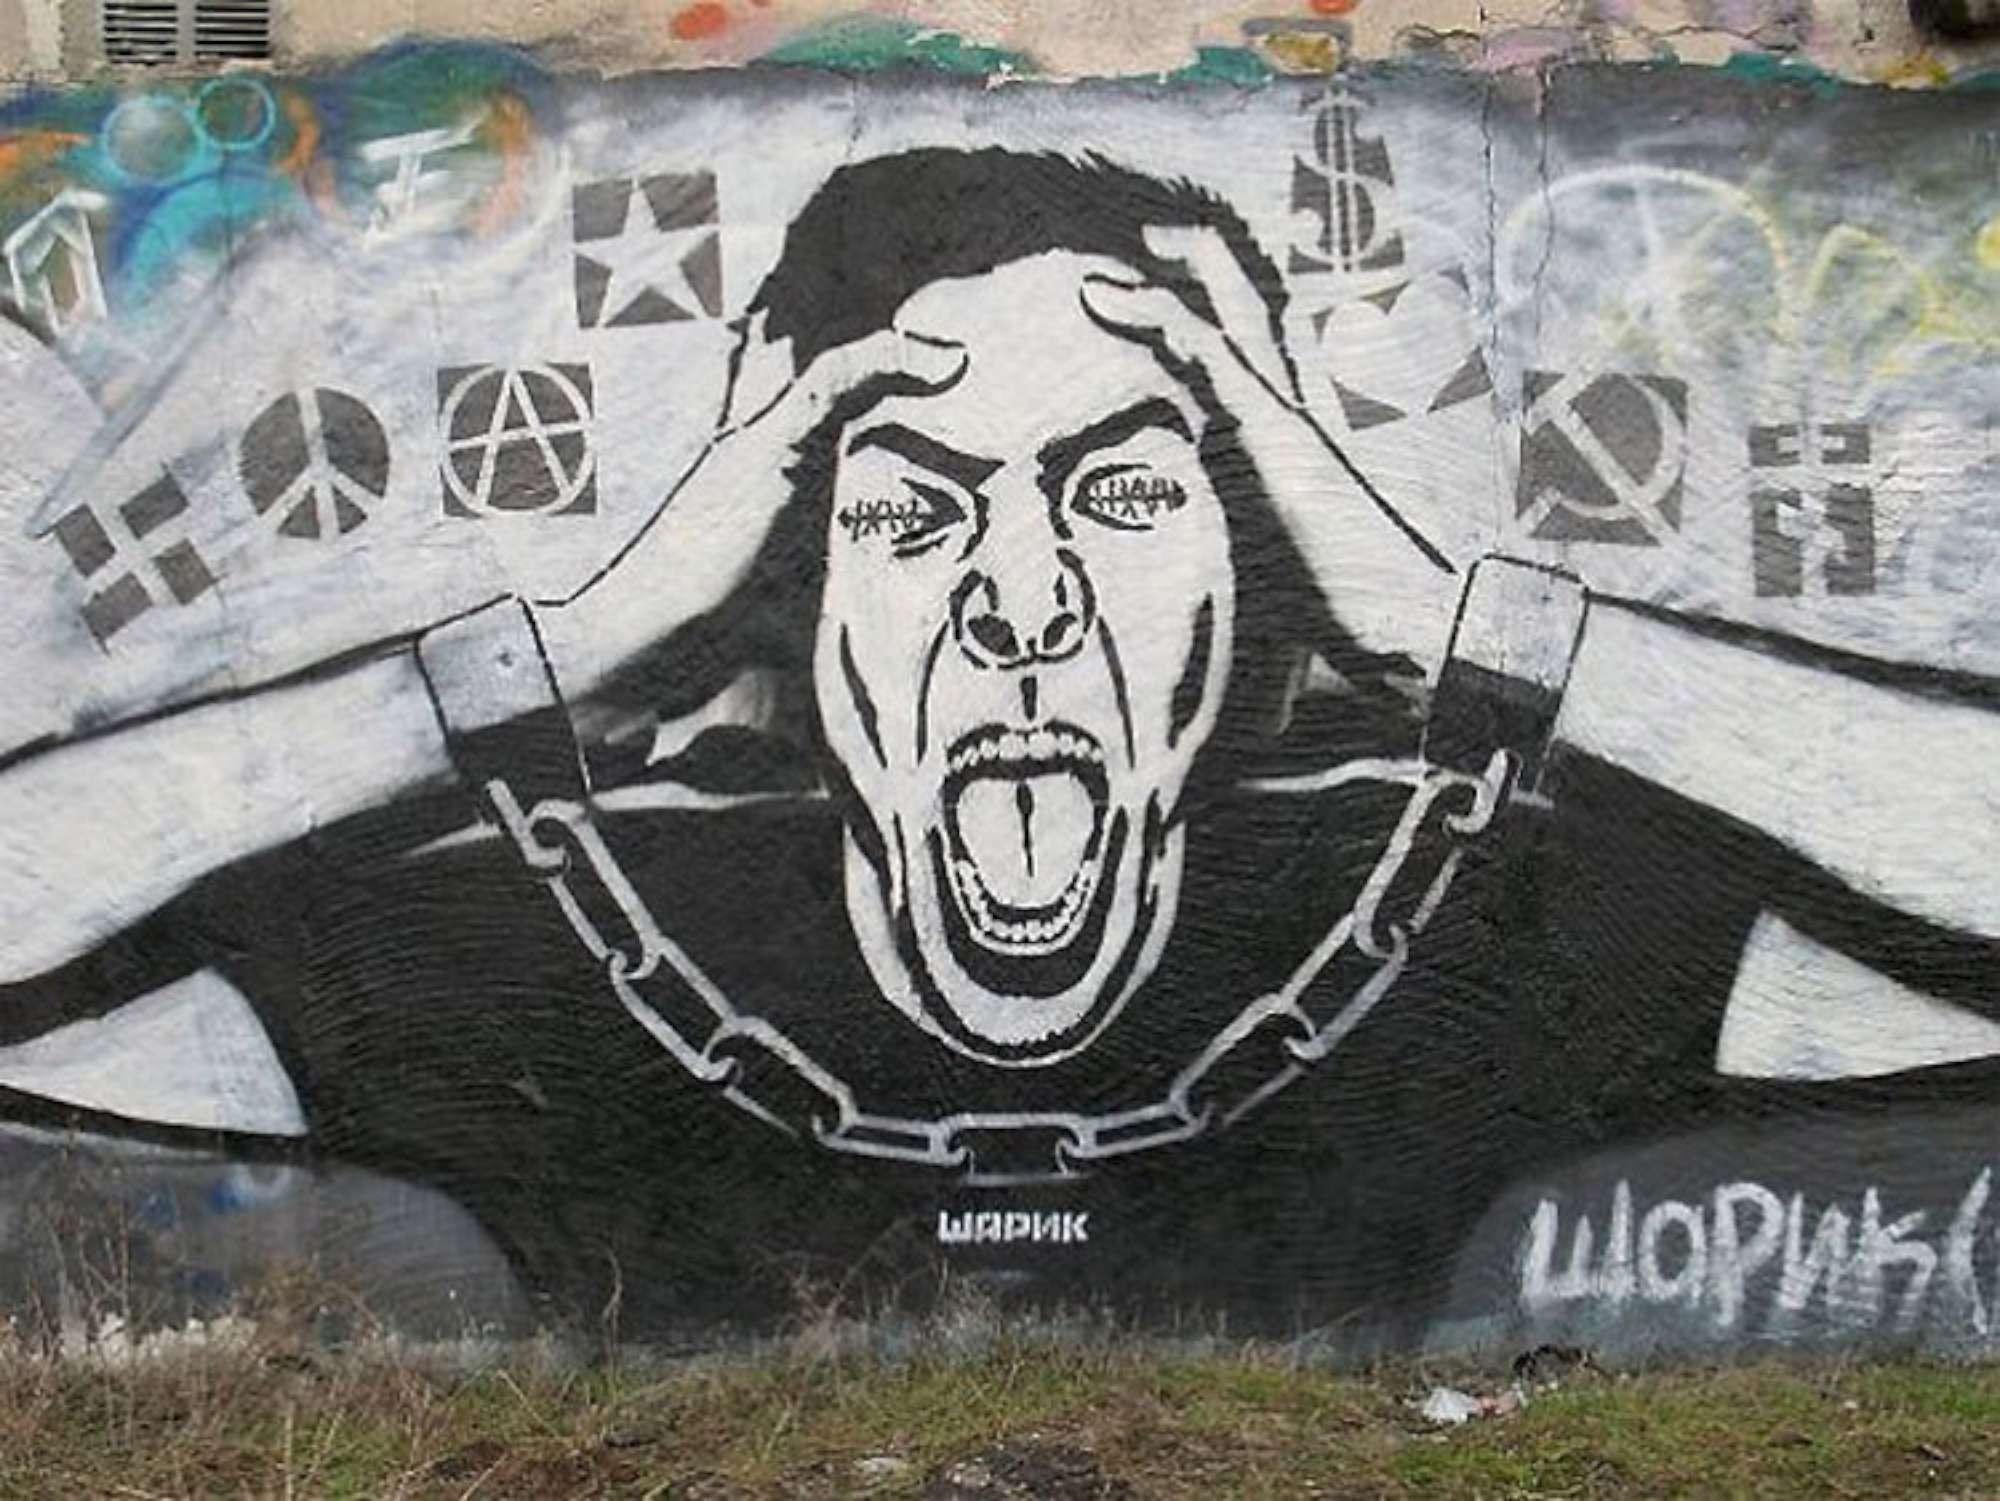 Le opere di Sharik, il misterioso street artist ucraino